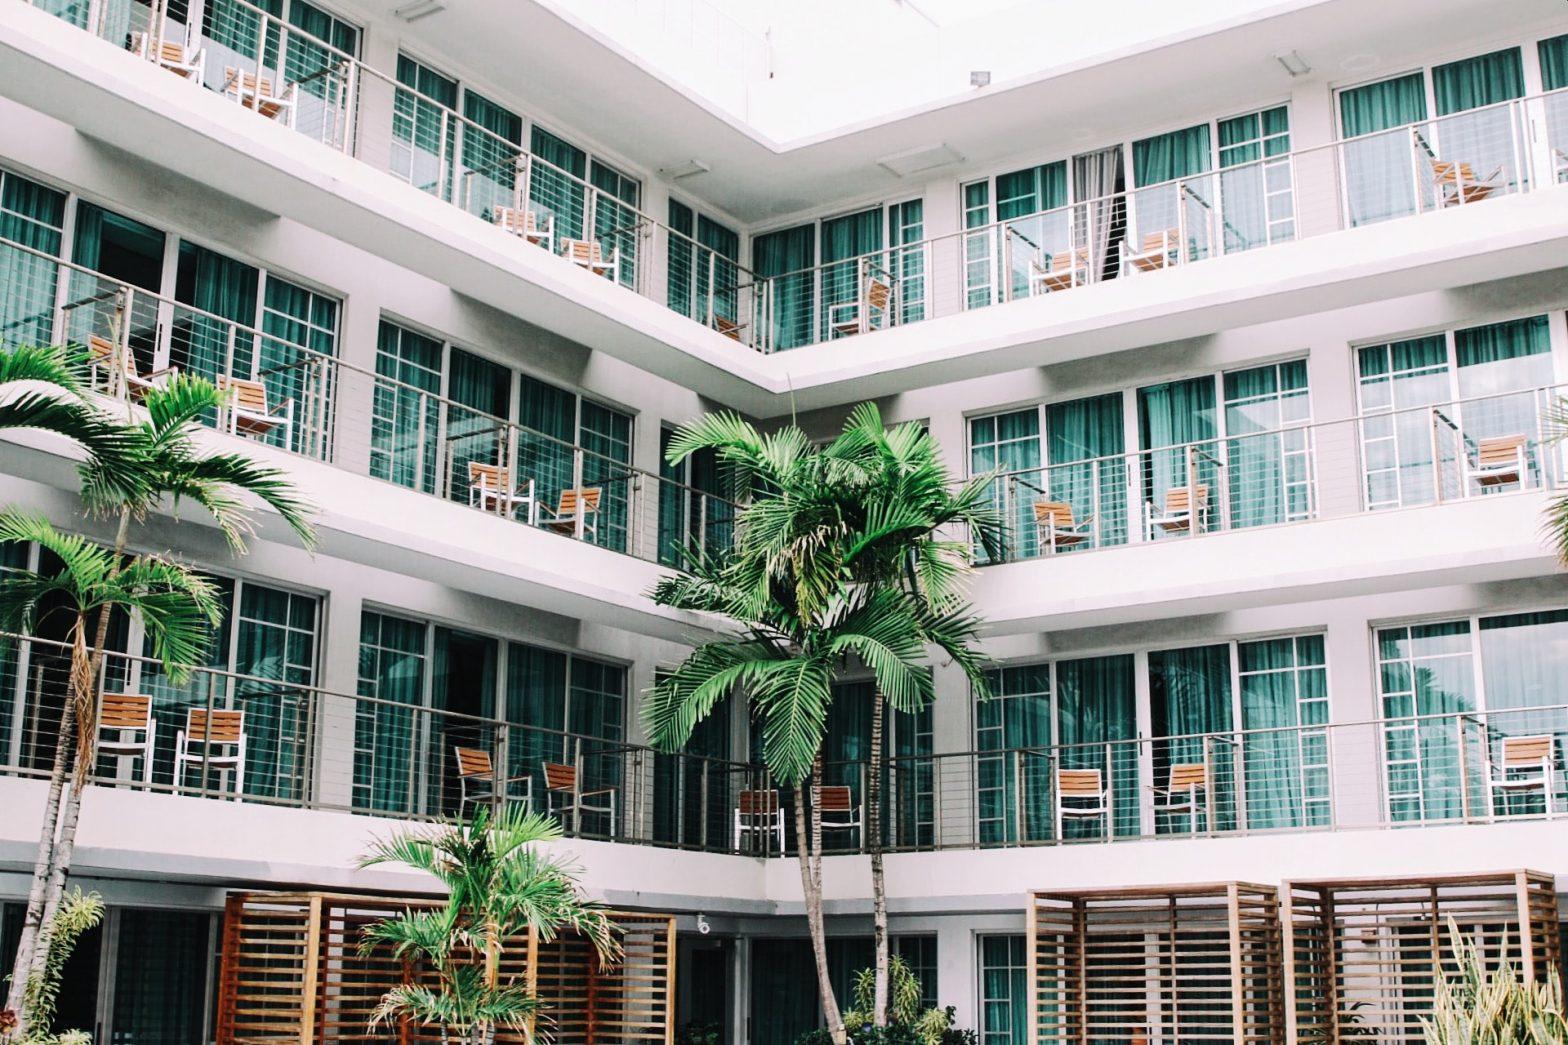 La rivalutazione gratuita dei beni per il settore alberghiero e termale: vantaggi e svantaggi